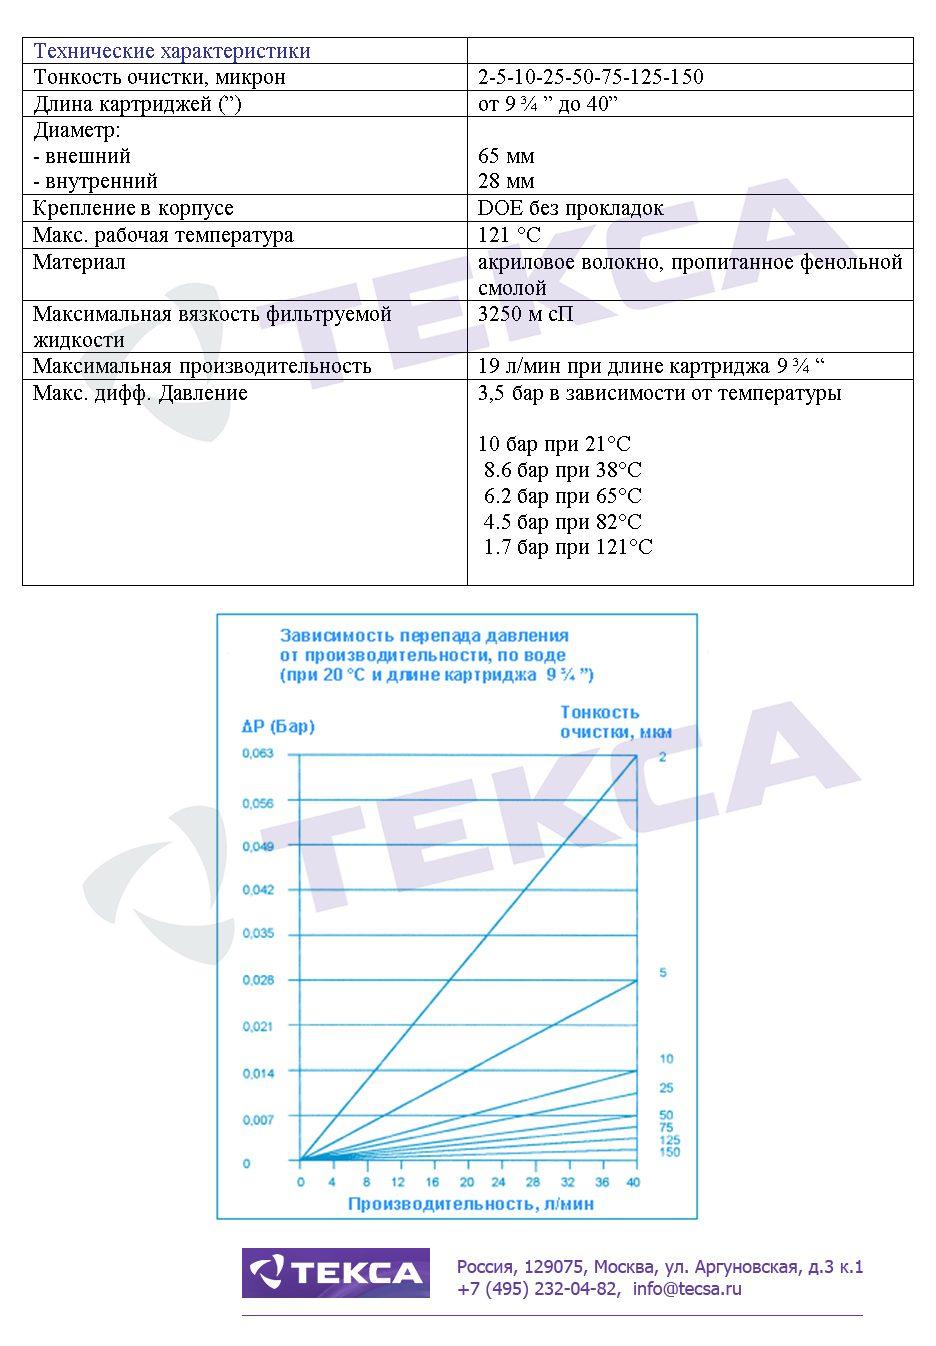 Технические характеристики фильтровальных картриджей LOFCLEAN